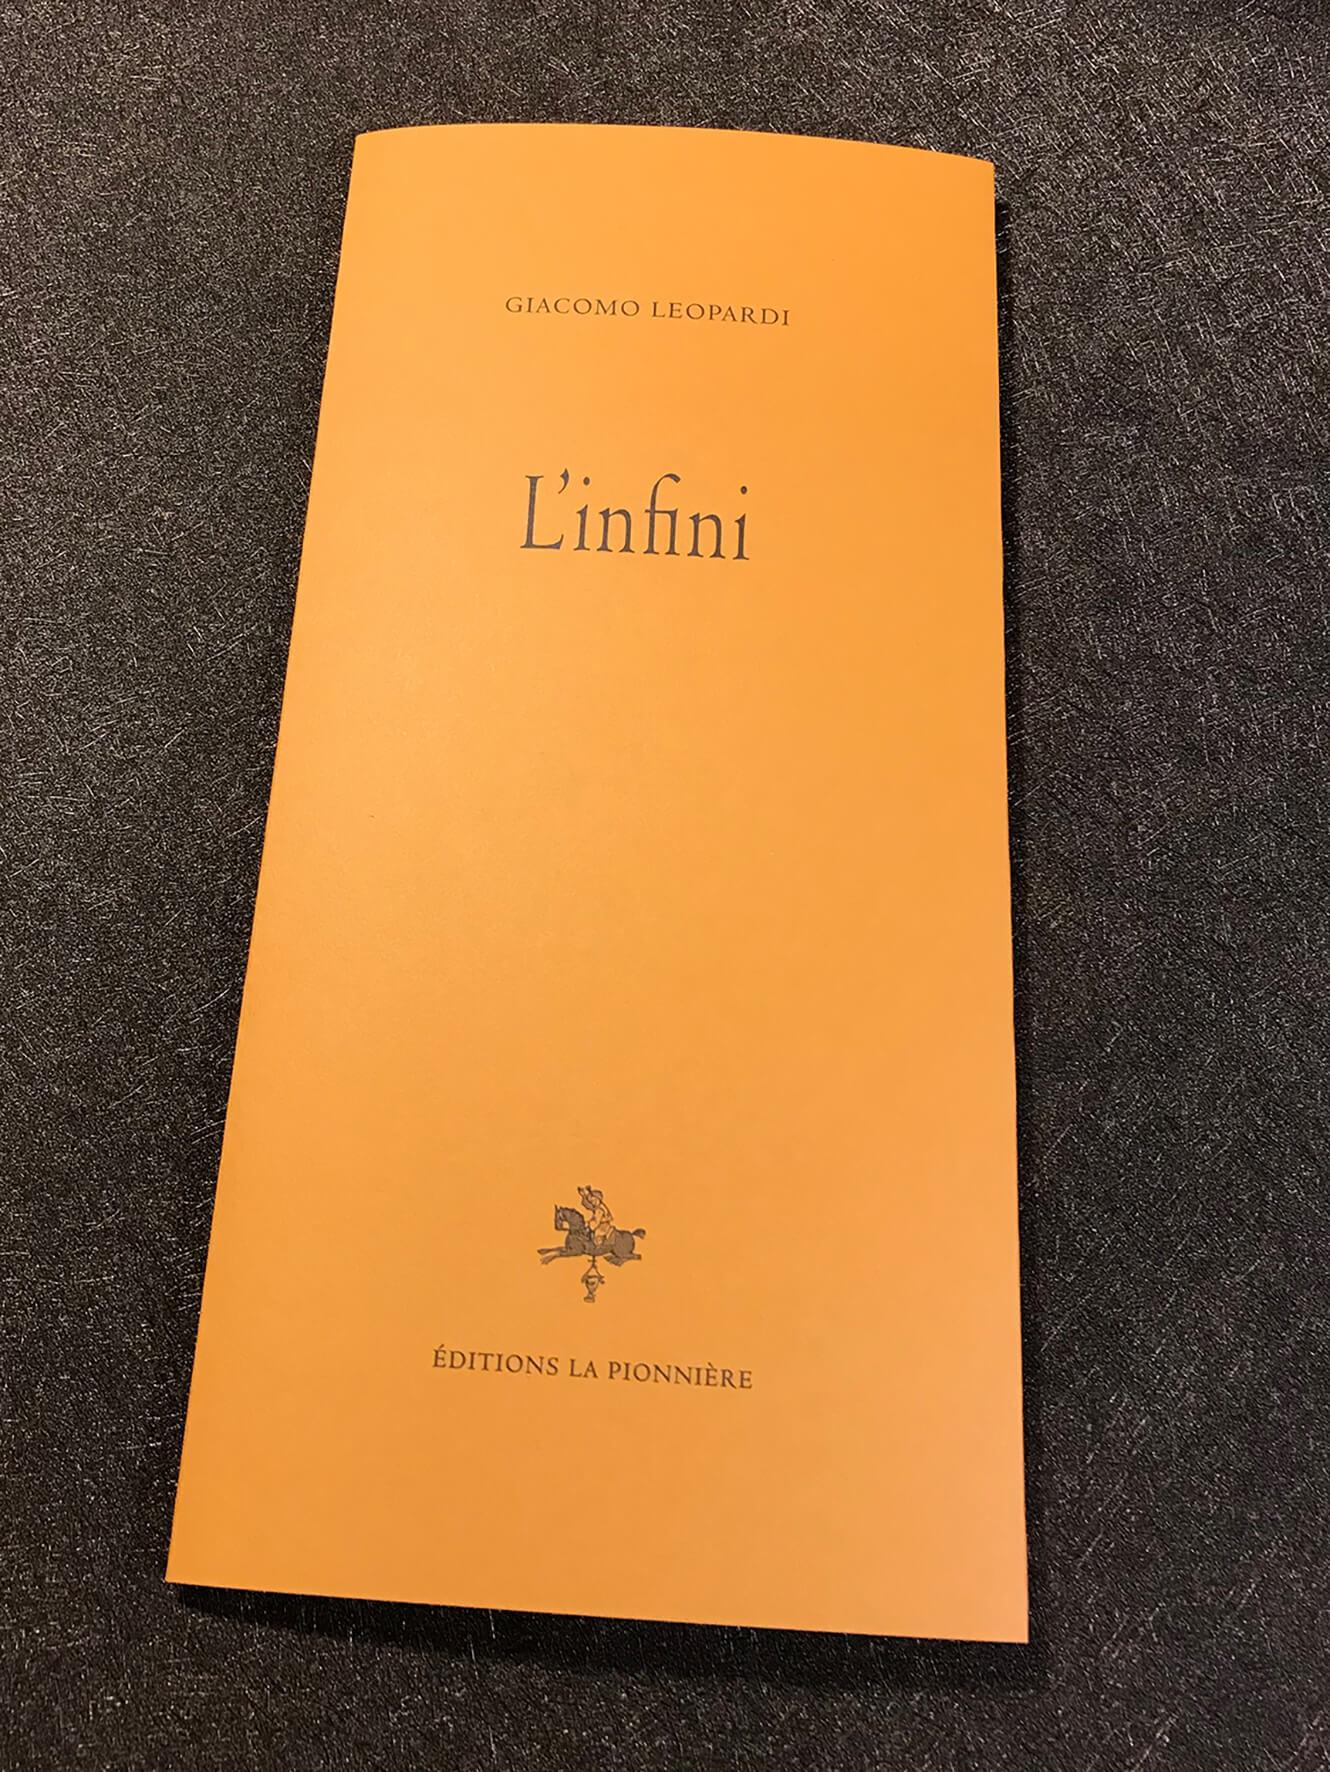 Giacomo Leopardi, L'Infini (éd. P. Roux)